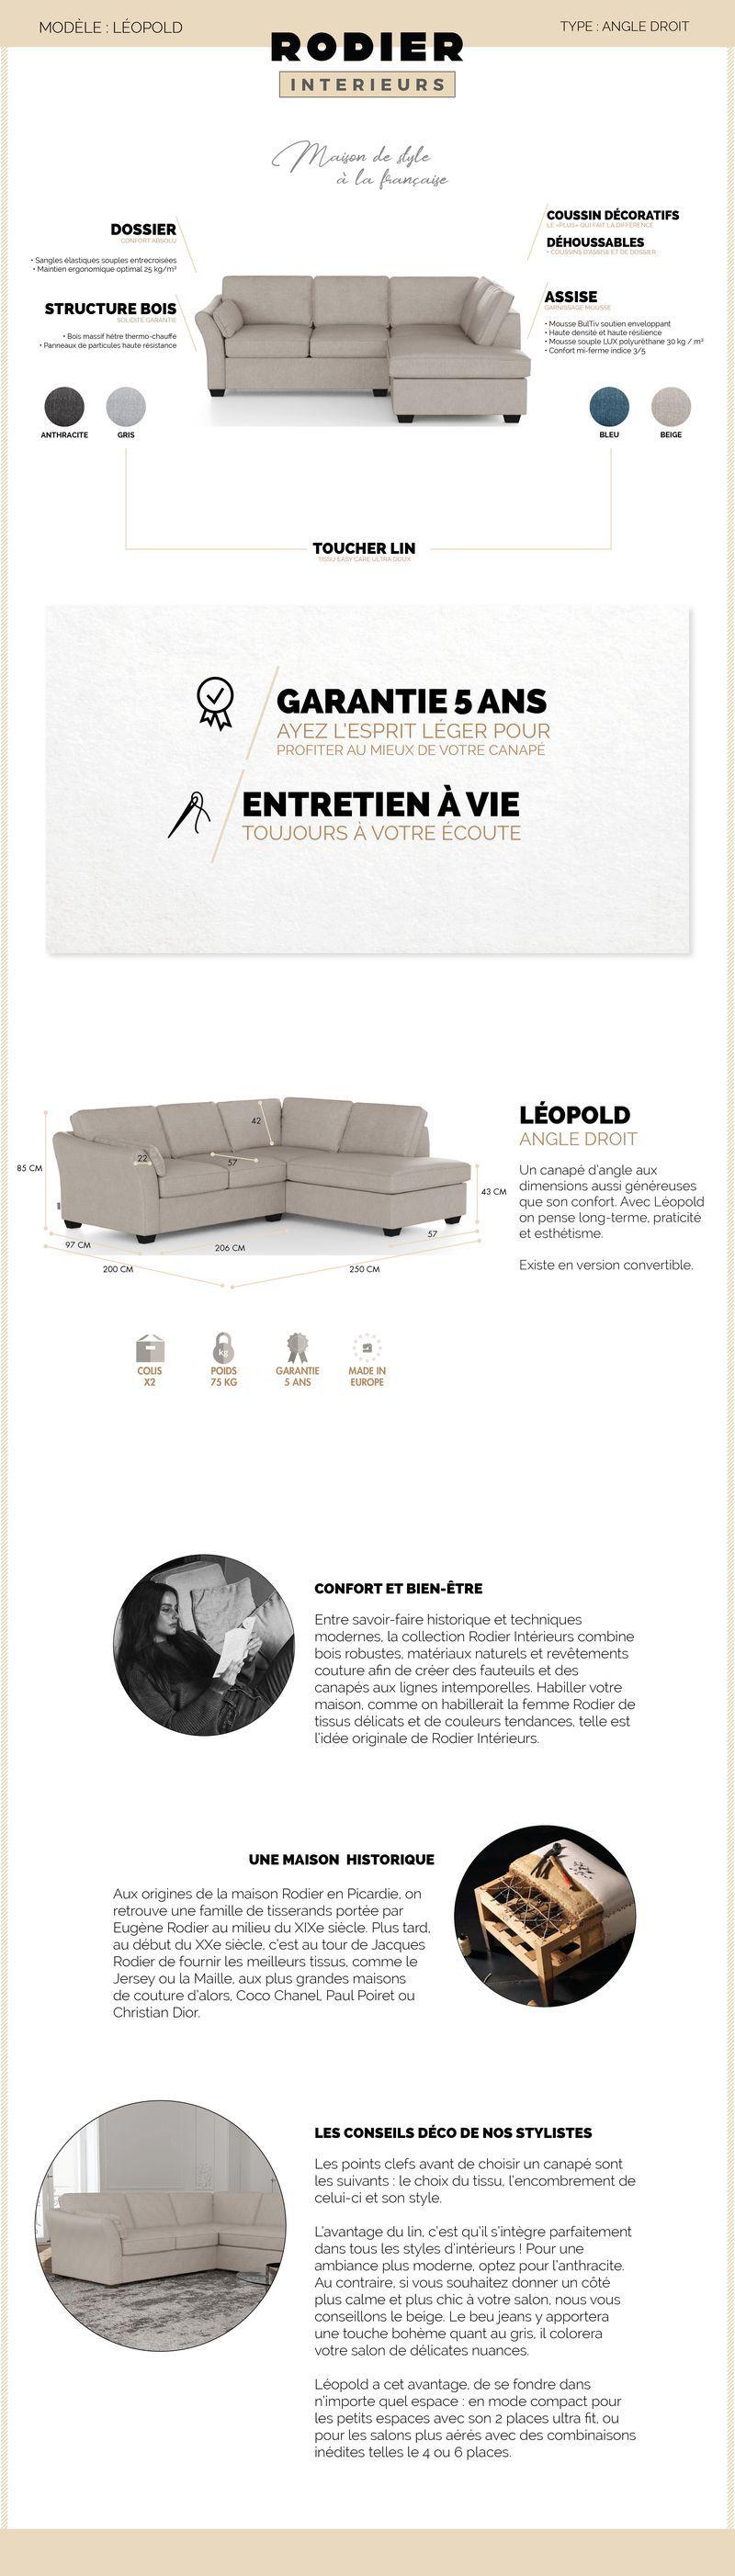 LEOPOLD Canapé d'angle droit 5 places - Tissu beige crème - Classique - L 250 x P 200 cm